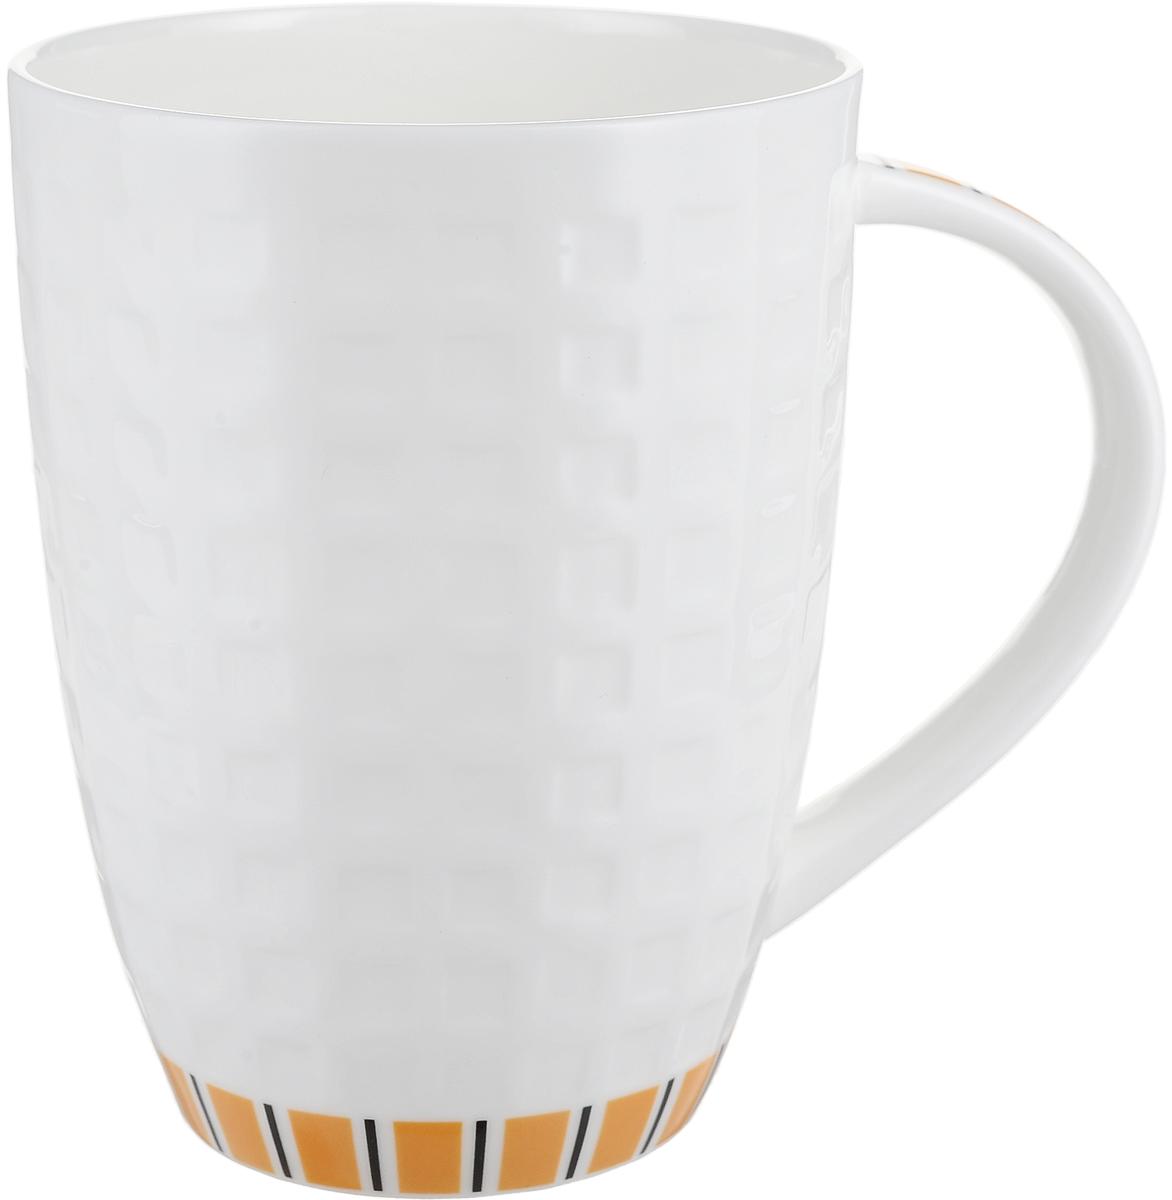 Кружка Royal Aurel Канфаэль, цвет: белый, оранжевый, 330 мл1104Канфаэль кружка белая с оранжевым рисунком 330 мл. Материал: костяной фарфор. Фарфор Royal Aurel отличается исключительной белизной, что объясняется уникальными компонентами и традиционной технологией, по которой он был изготовлен. Белая глина из провинции Фуцзянь и традиционные рецепты китайских мастеров создают неповторимую композицию. Дизайн коллекций выполнен в соответствии с актуальными европейскими тенденциями.